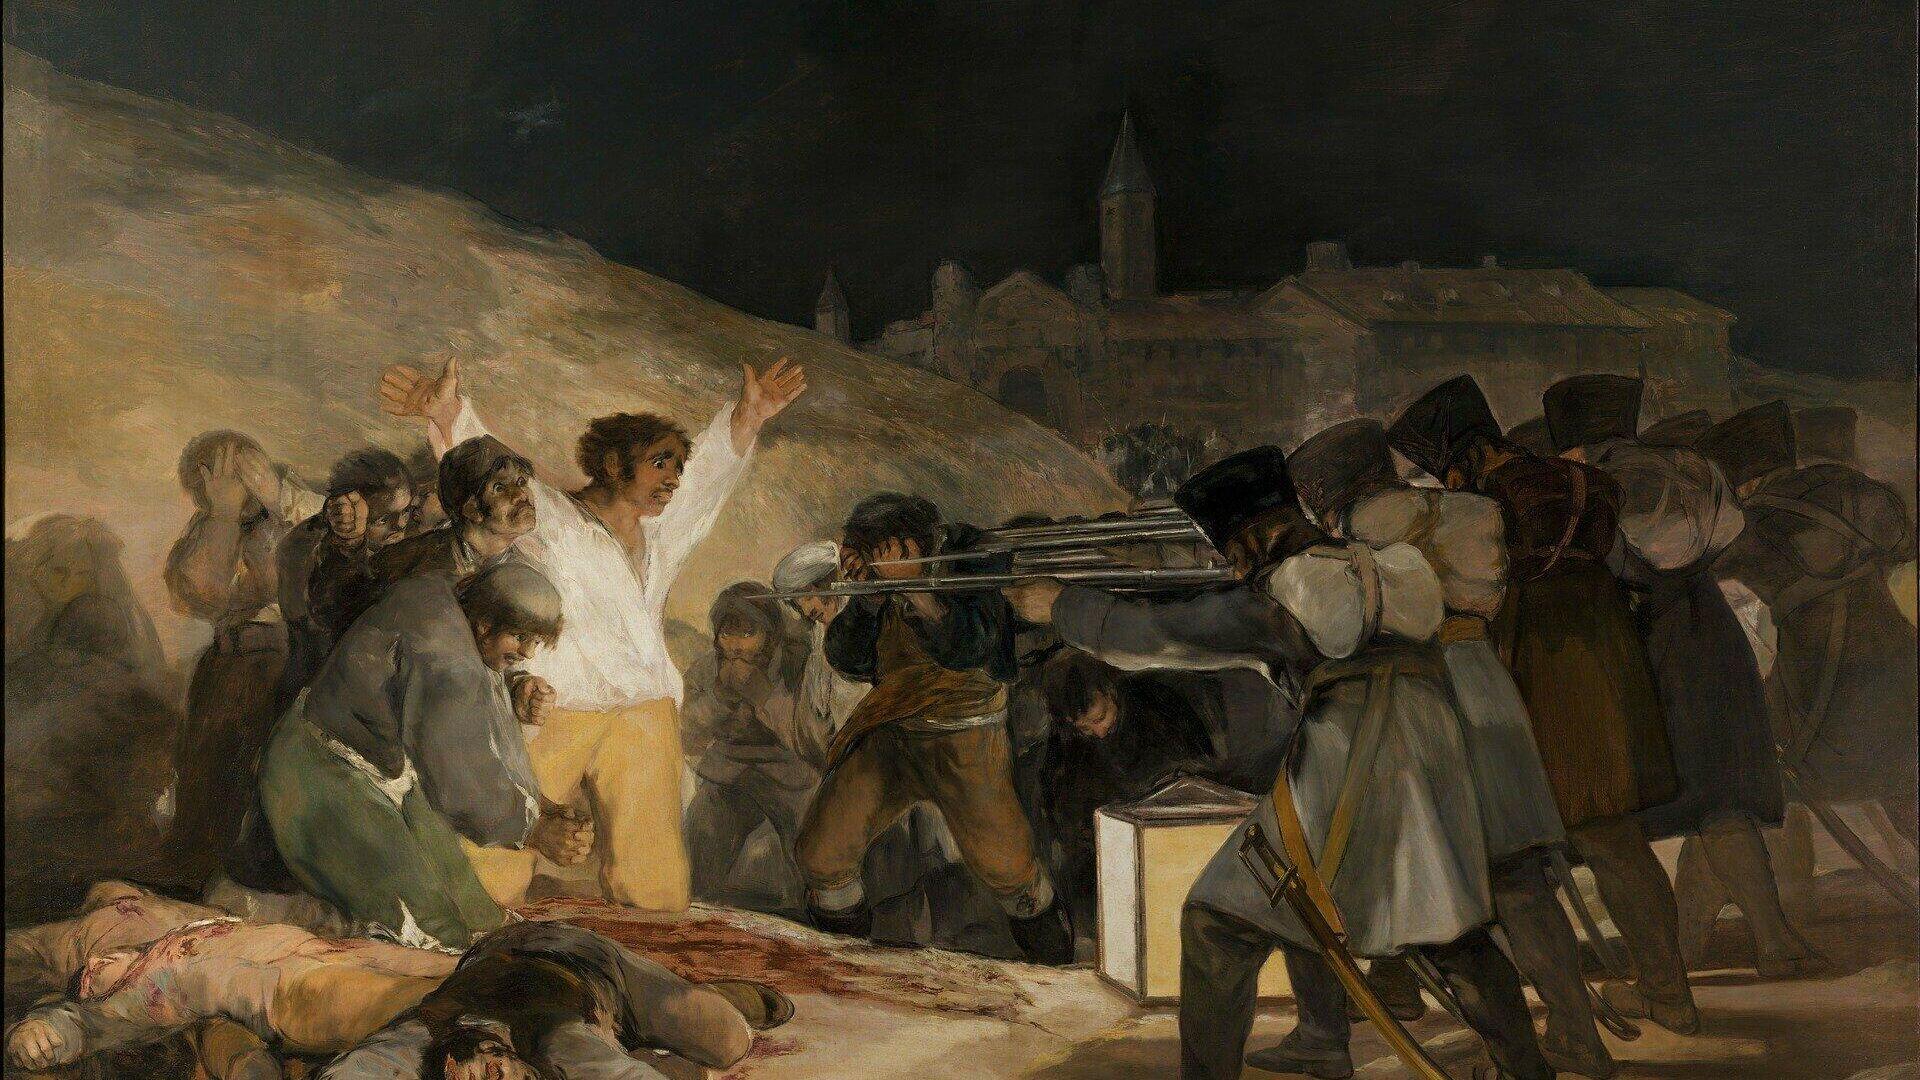 Los fusilamientos del tres de mayo (Francisco de Goya, 1808) - Sputnik Mundo, 1920, 30.03.2021